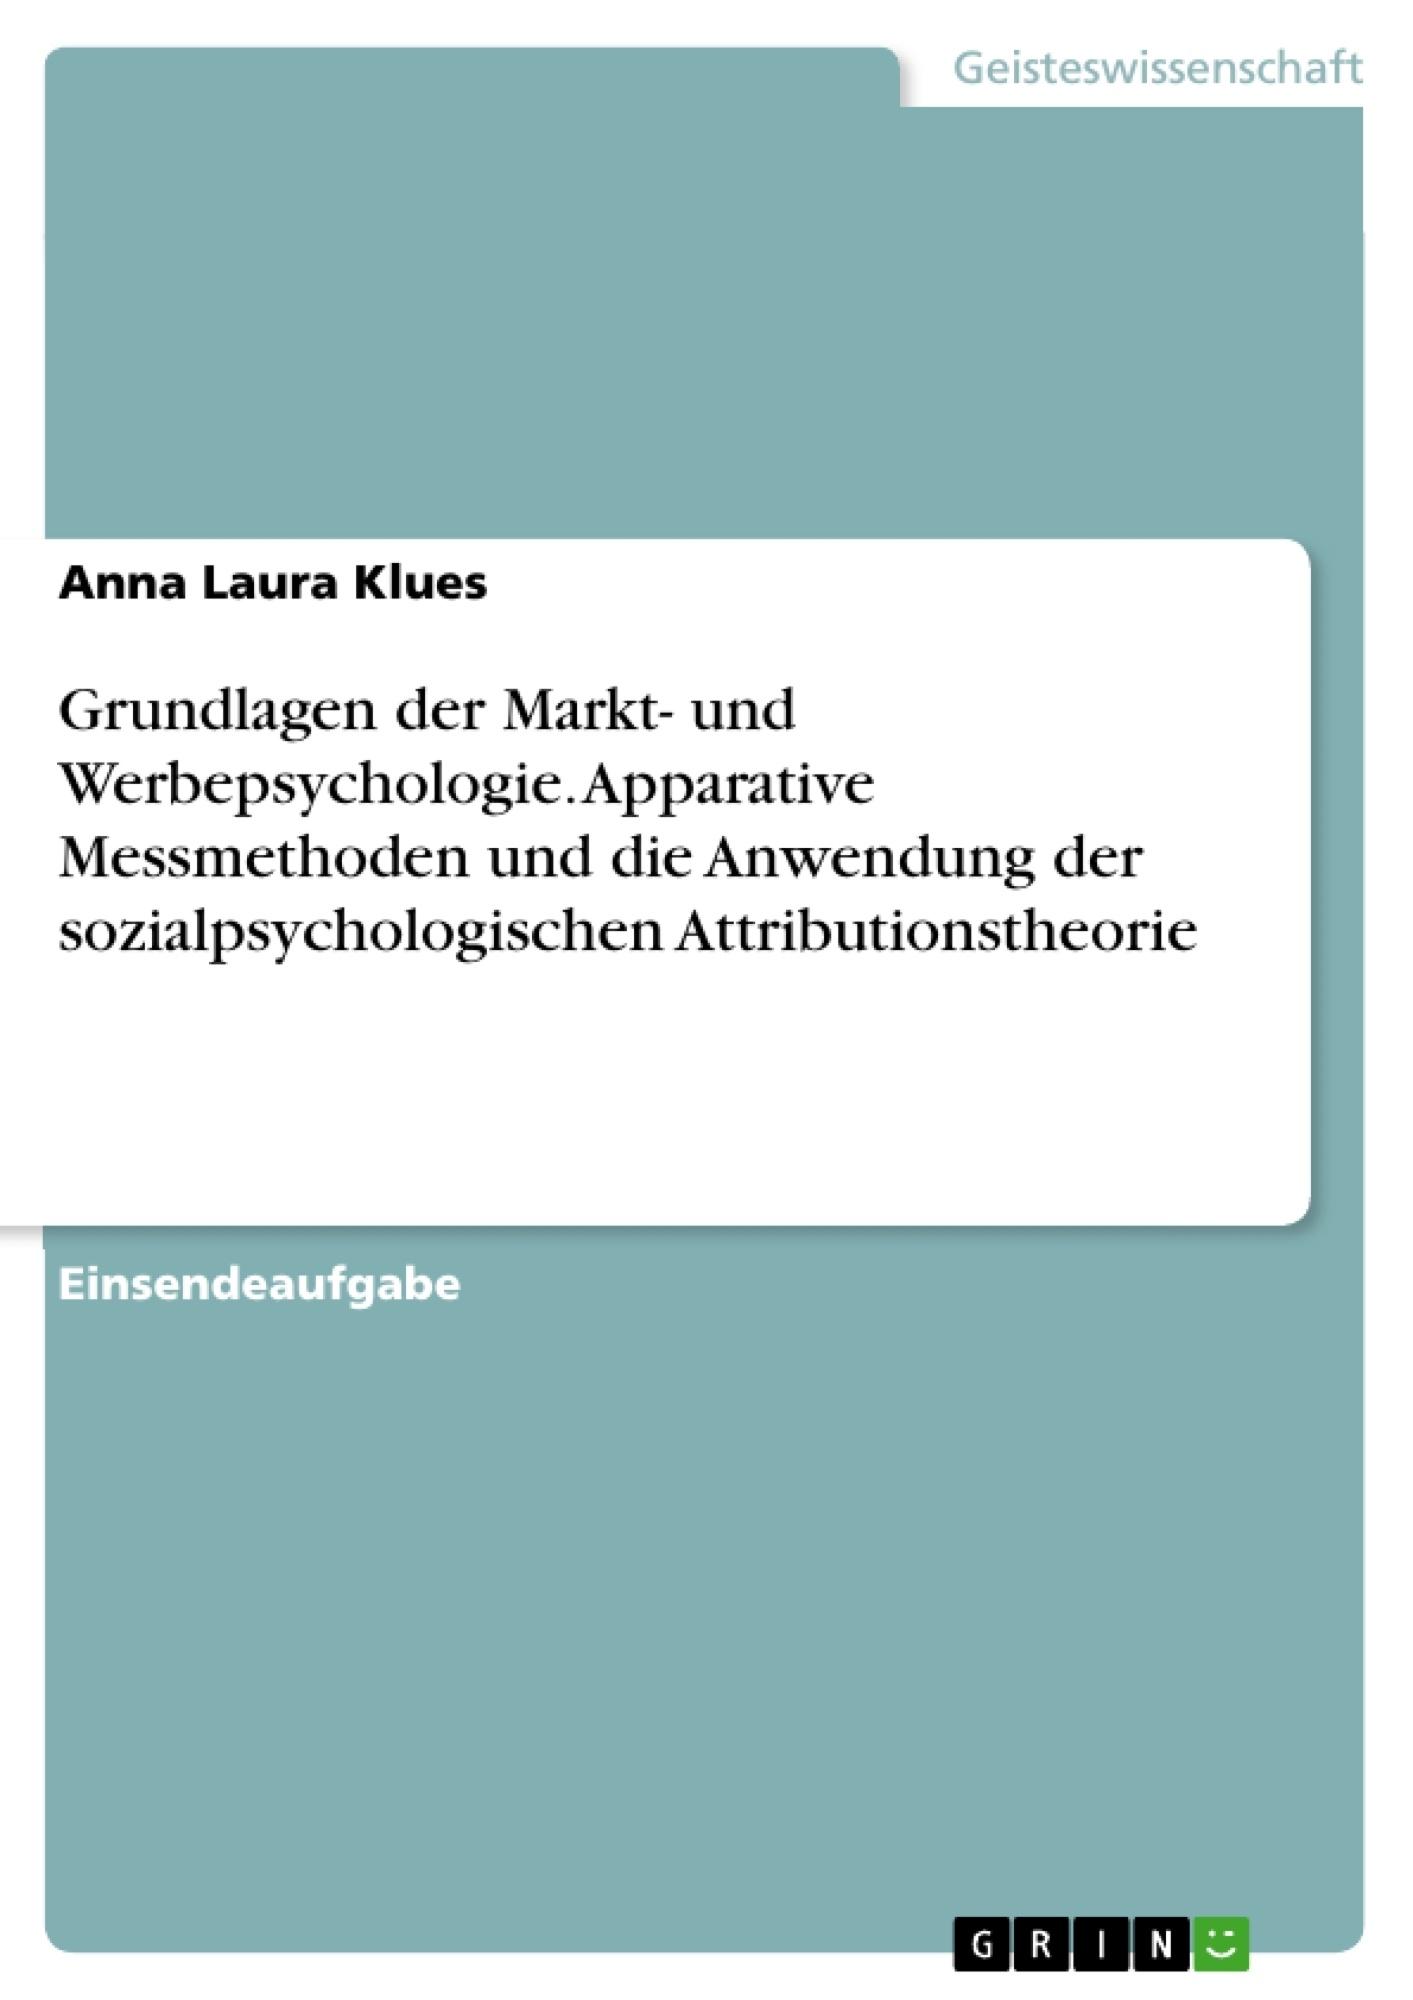 Titel: Grundlagen der Markt- und Werbepsychologie. Apparative Messmethoden und die Anwendung der sozialpsychologischen Attributionstheorie